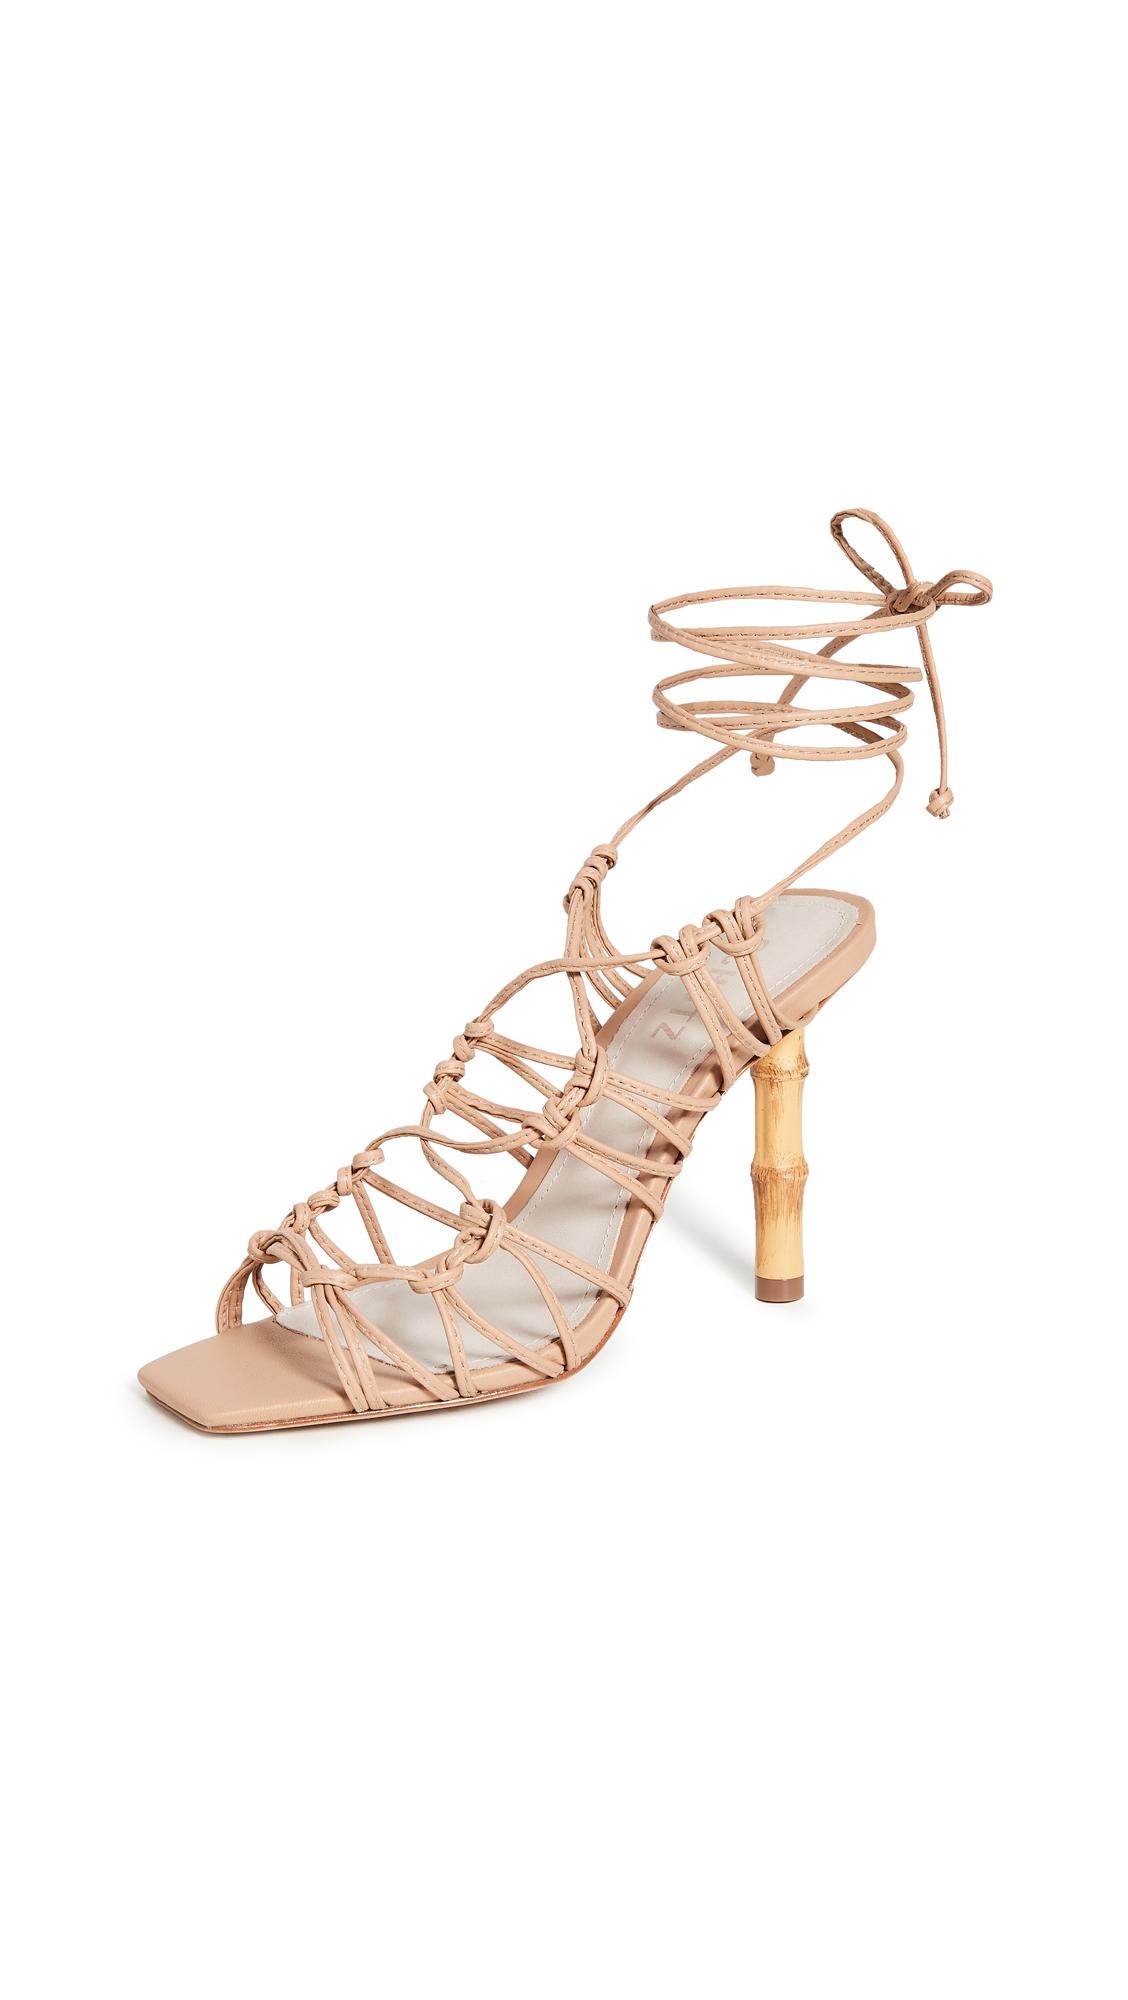 Schutz Savania Sandals – 50% Off Sale